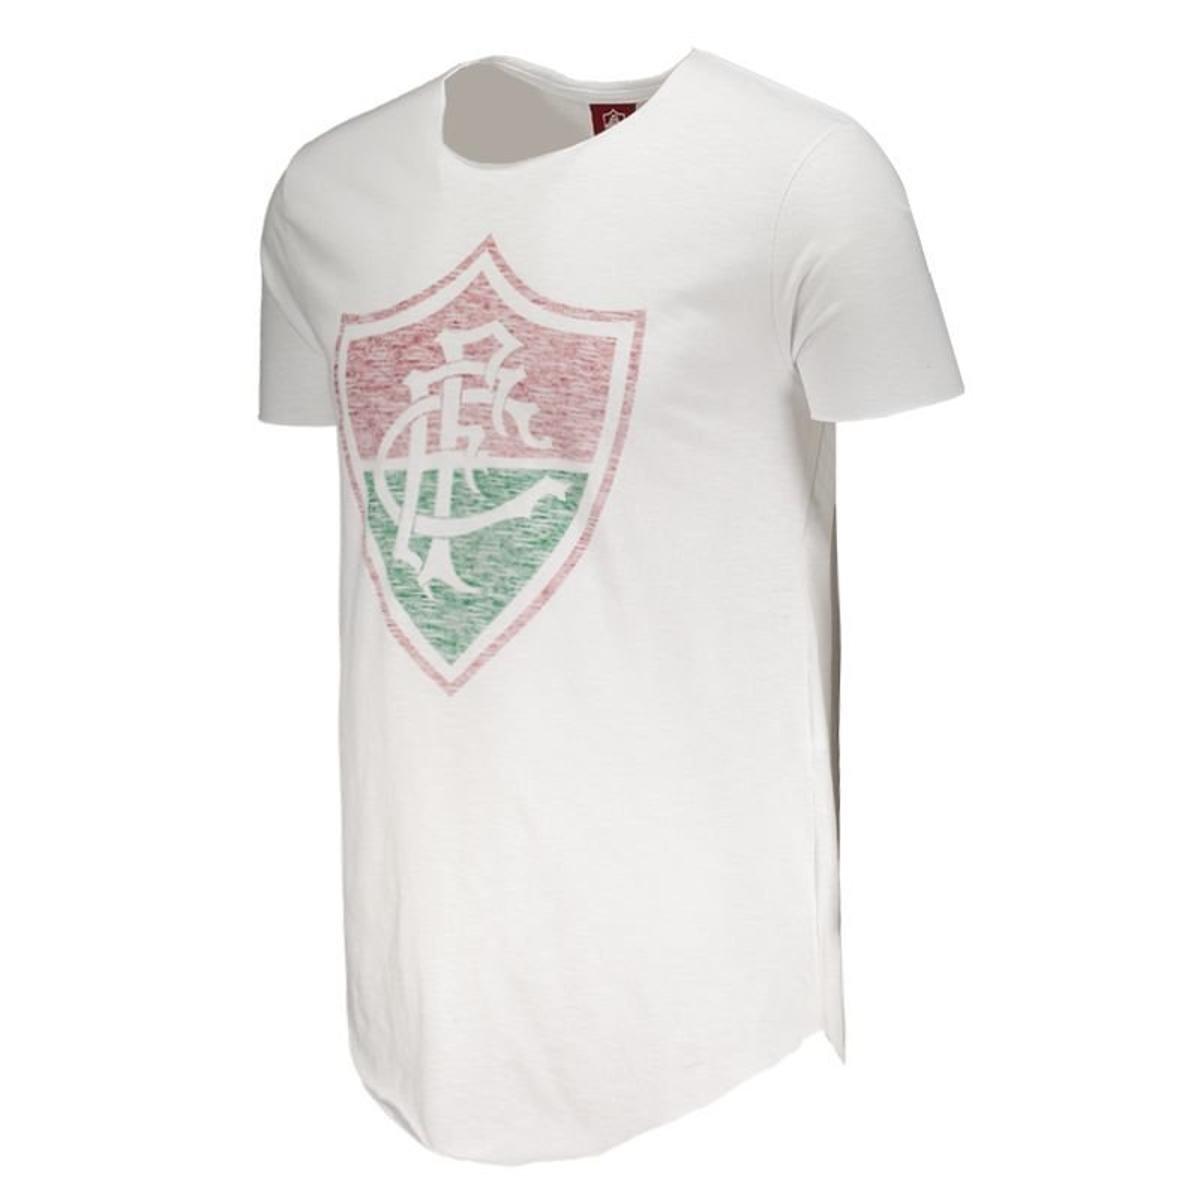 93f060f52b993 Camiseta Fluminense Escudo Avesso Masculina  Camiseta Fluminense Escudo  Avesso Masculina .